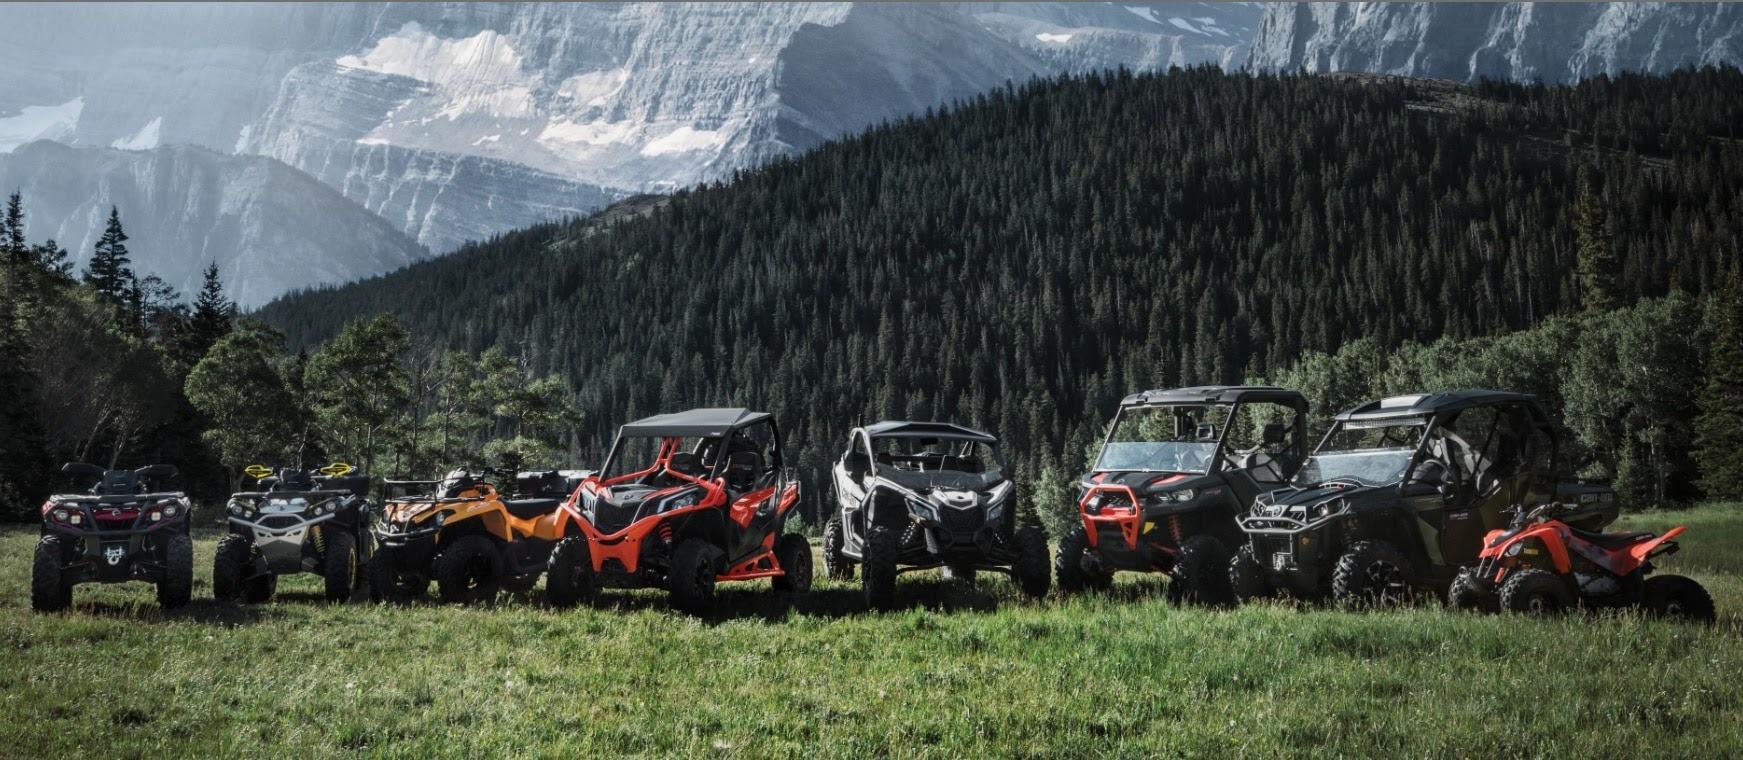 Can-Am Maverick - pojazdy stworzone do offroadu - Zdjęcie główne